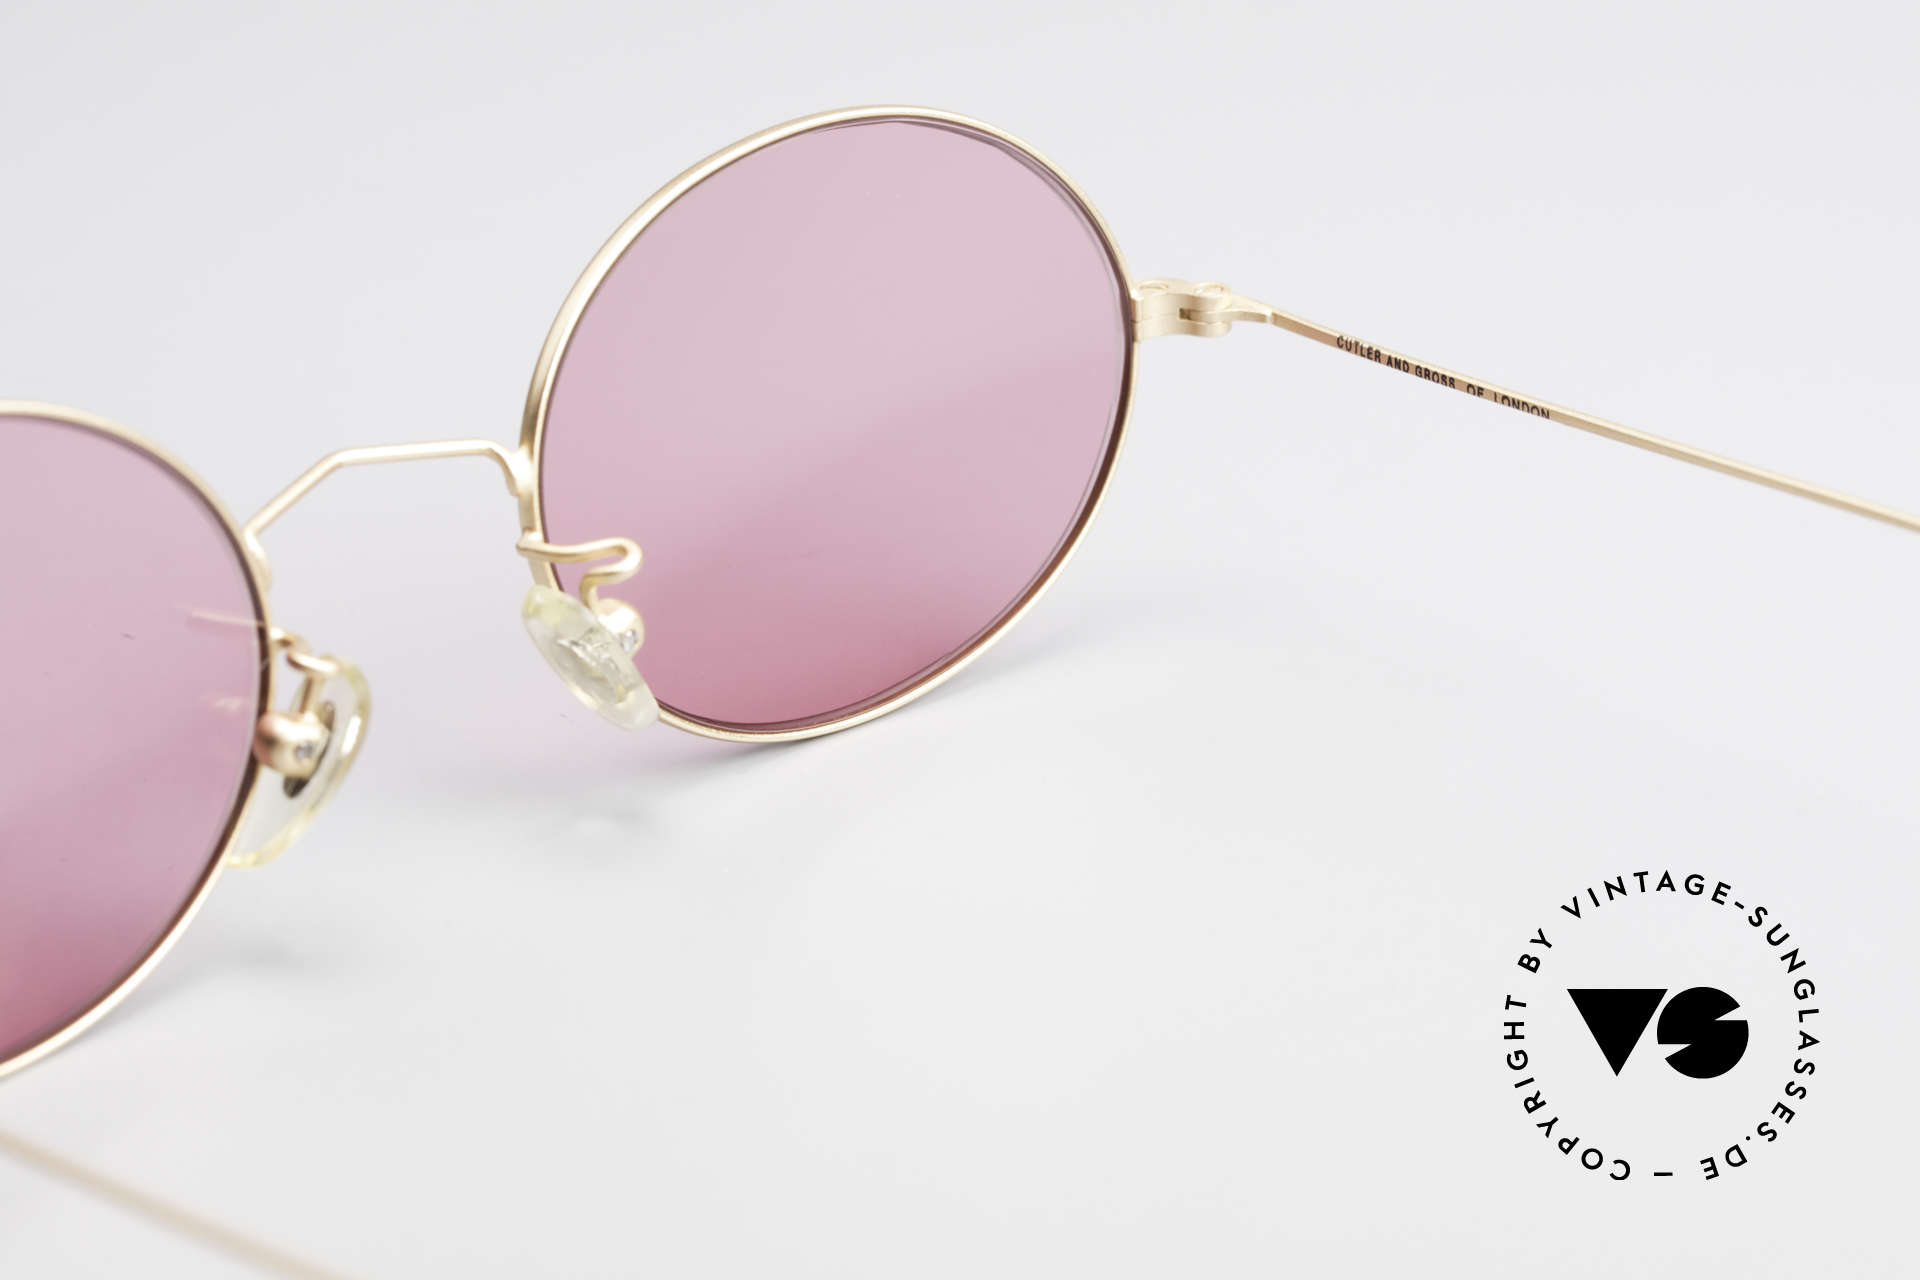 Cutler And Gross 0305 Ovale Sonnenbrille Vintage, Größe: medium, Passend für Herren und Damen